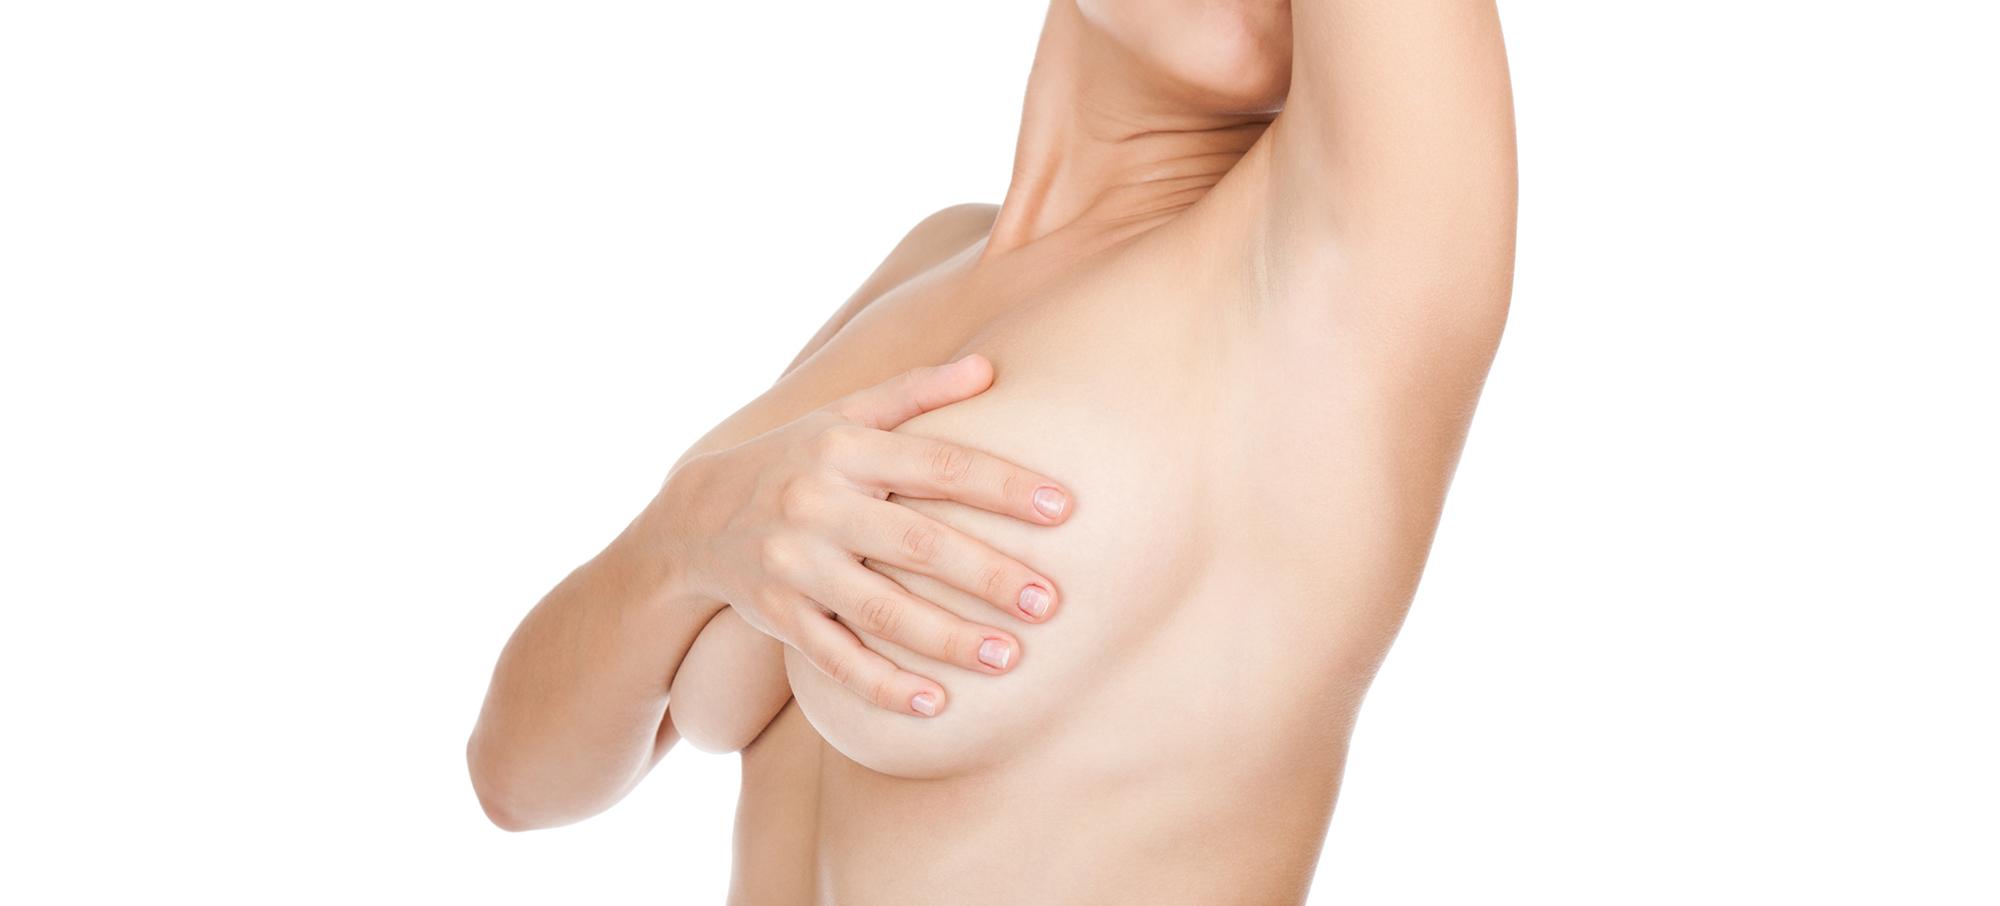 store brystvorter massage nøgen tantra